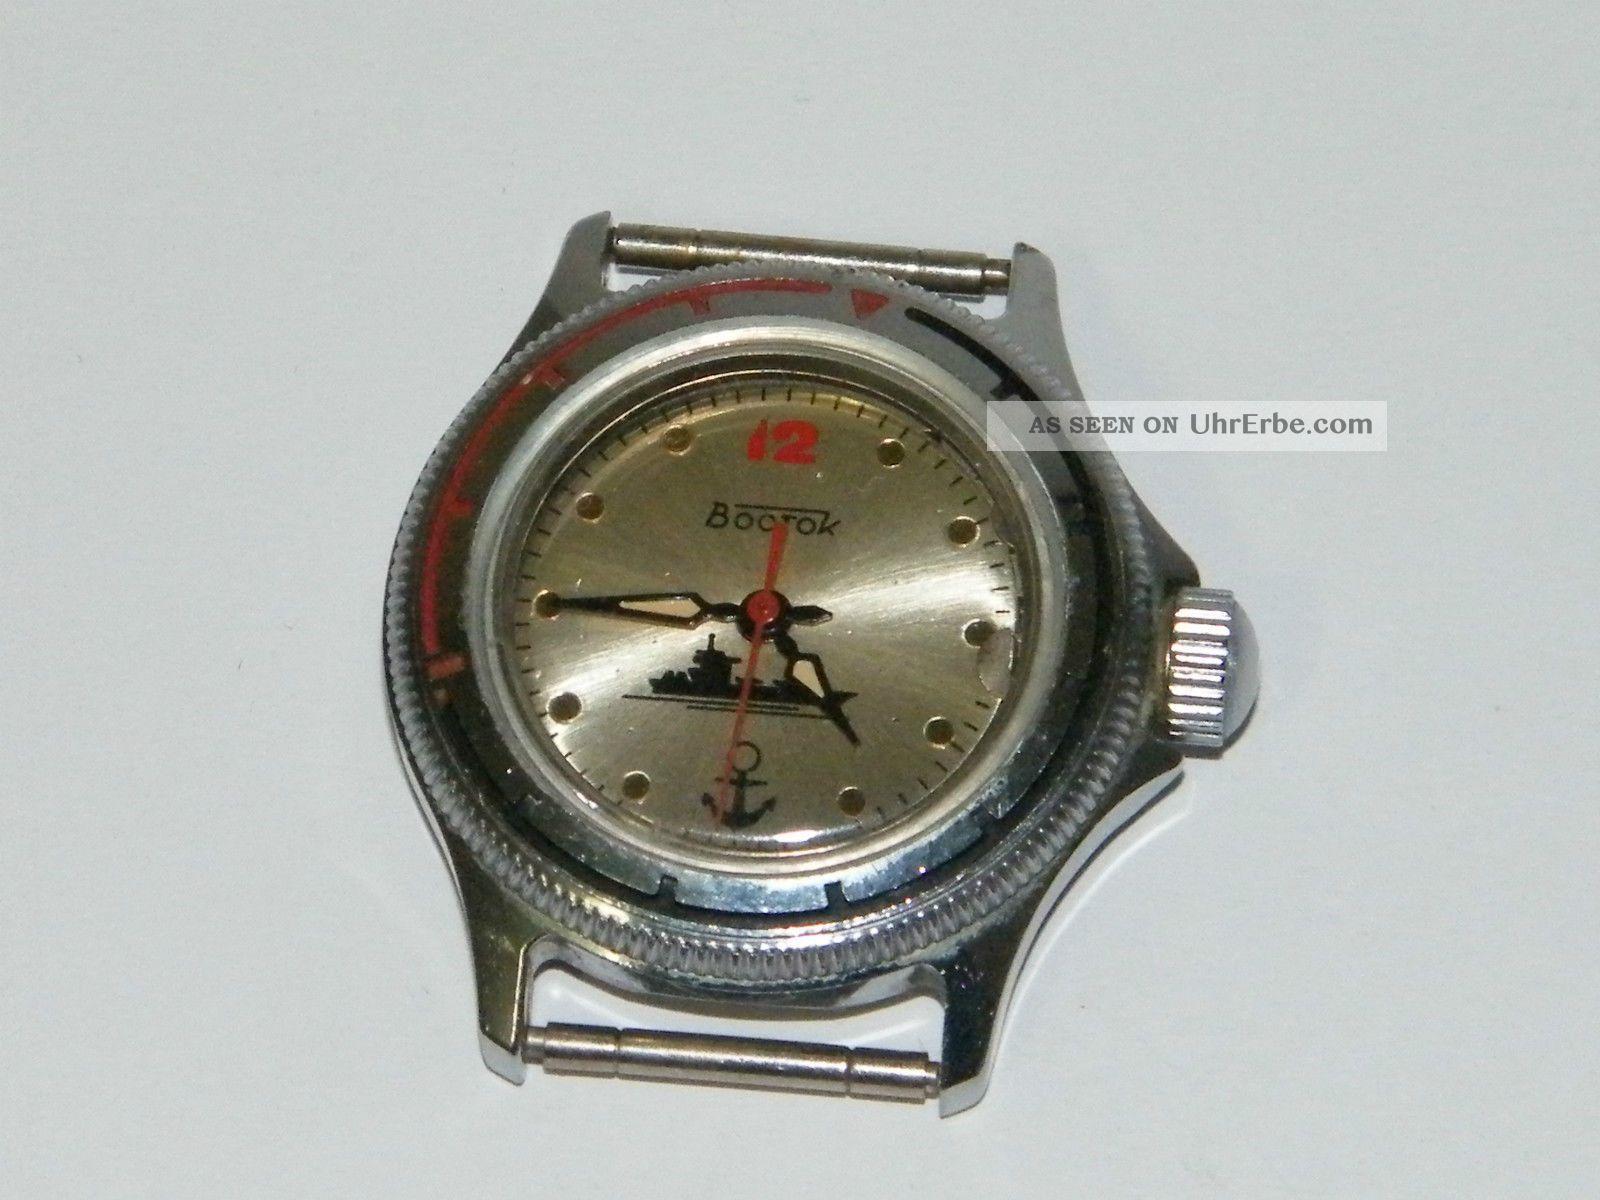 Wostok Vostok Militär Russische Uhr Handaufzug Hau ...